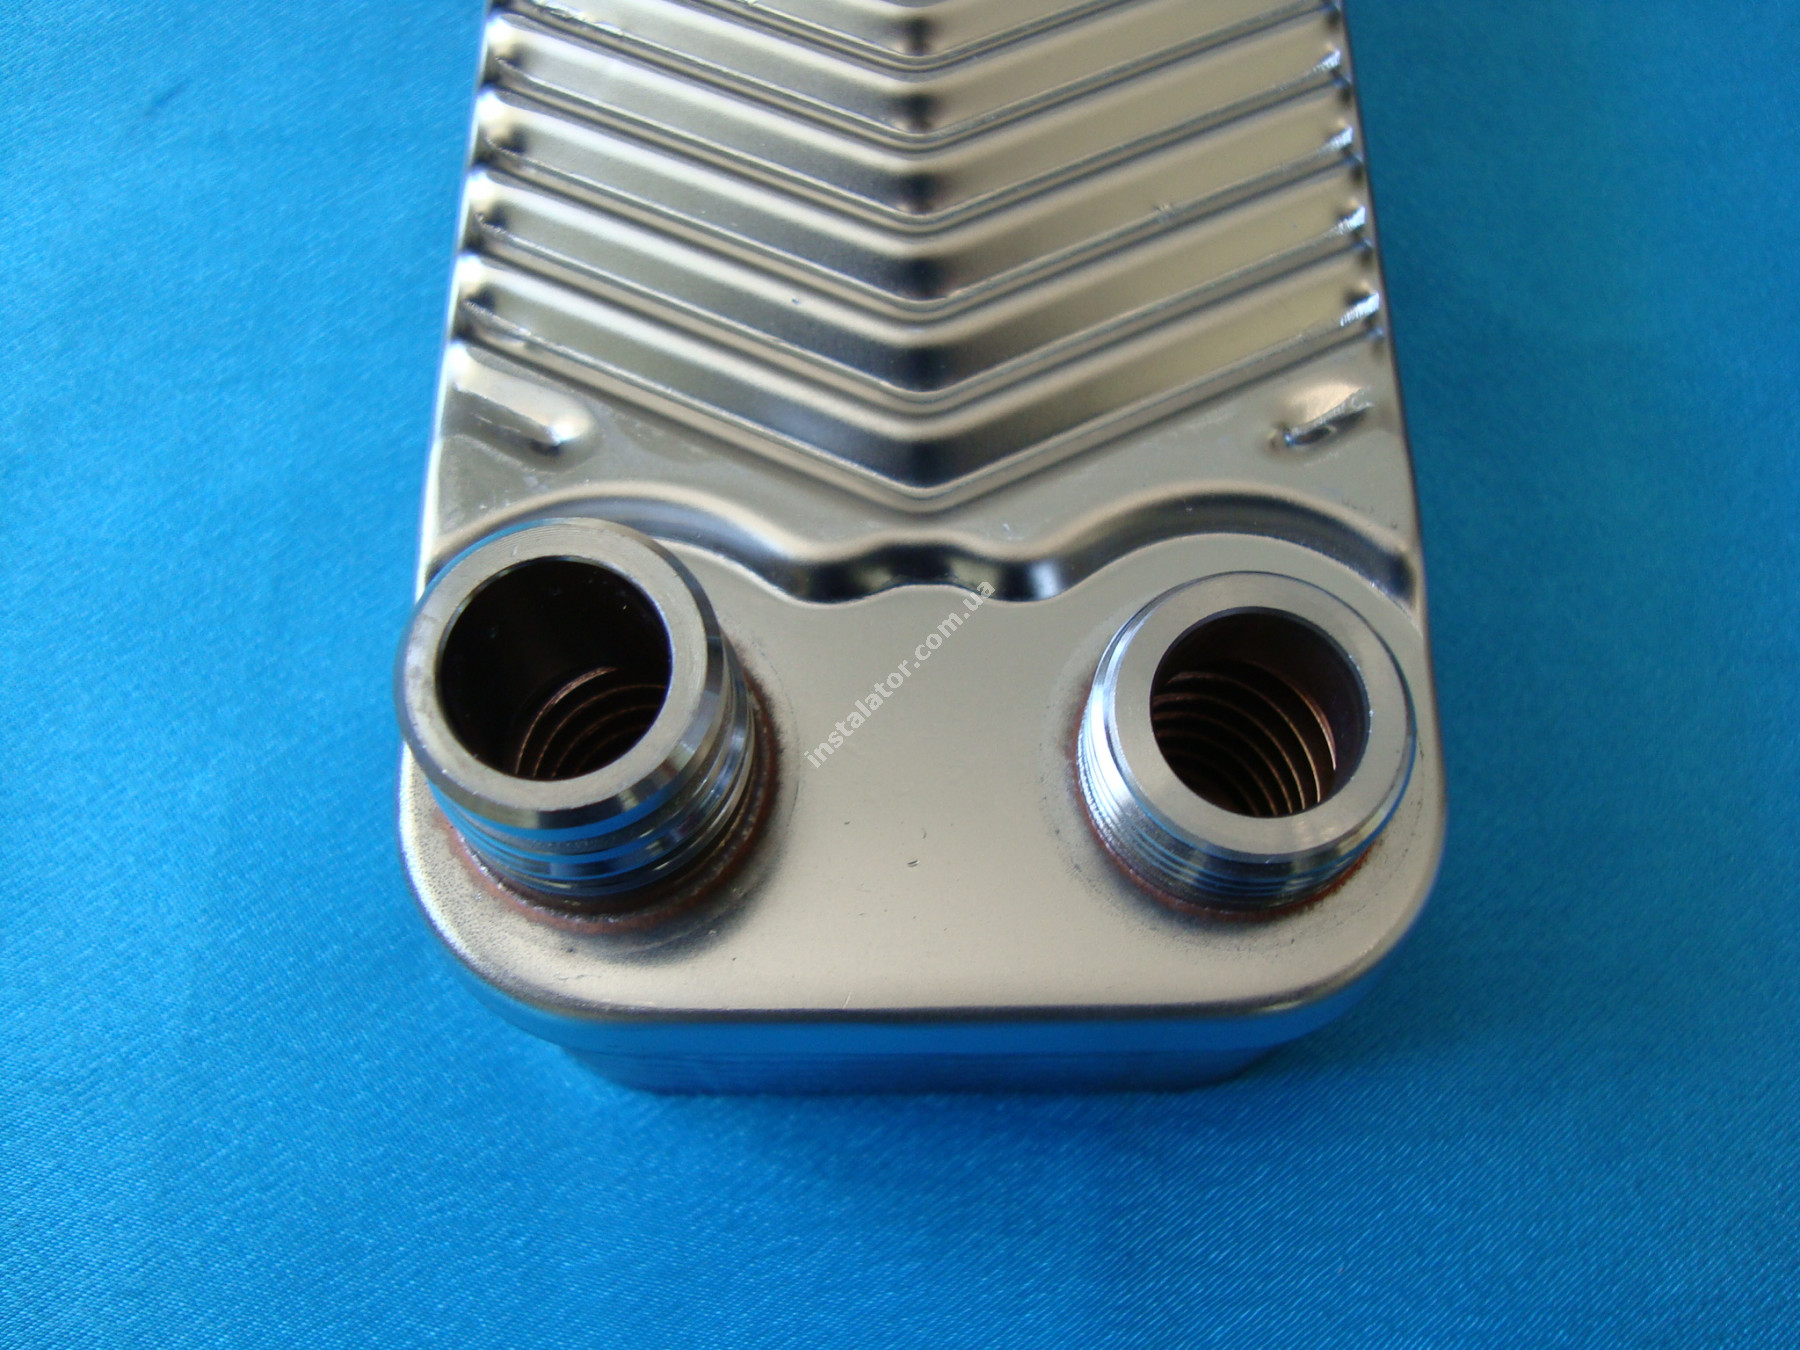 065088 (0020073794) Теплообмінник вторинний  Vaillant TURBOmax, ATMOmax  Plus full-image-4